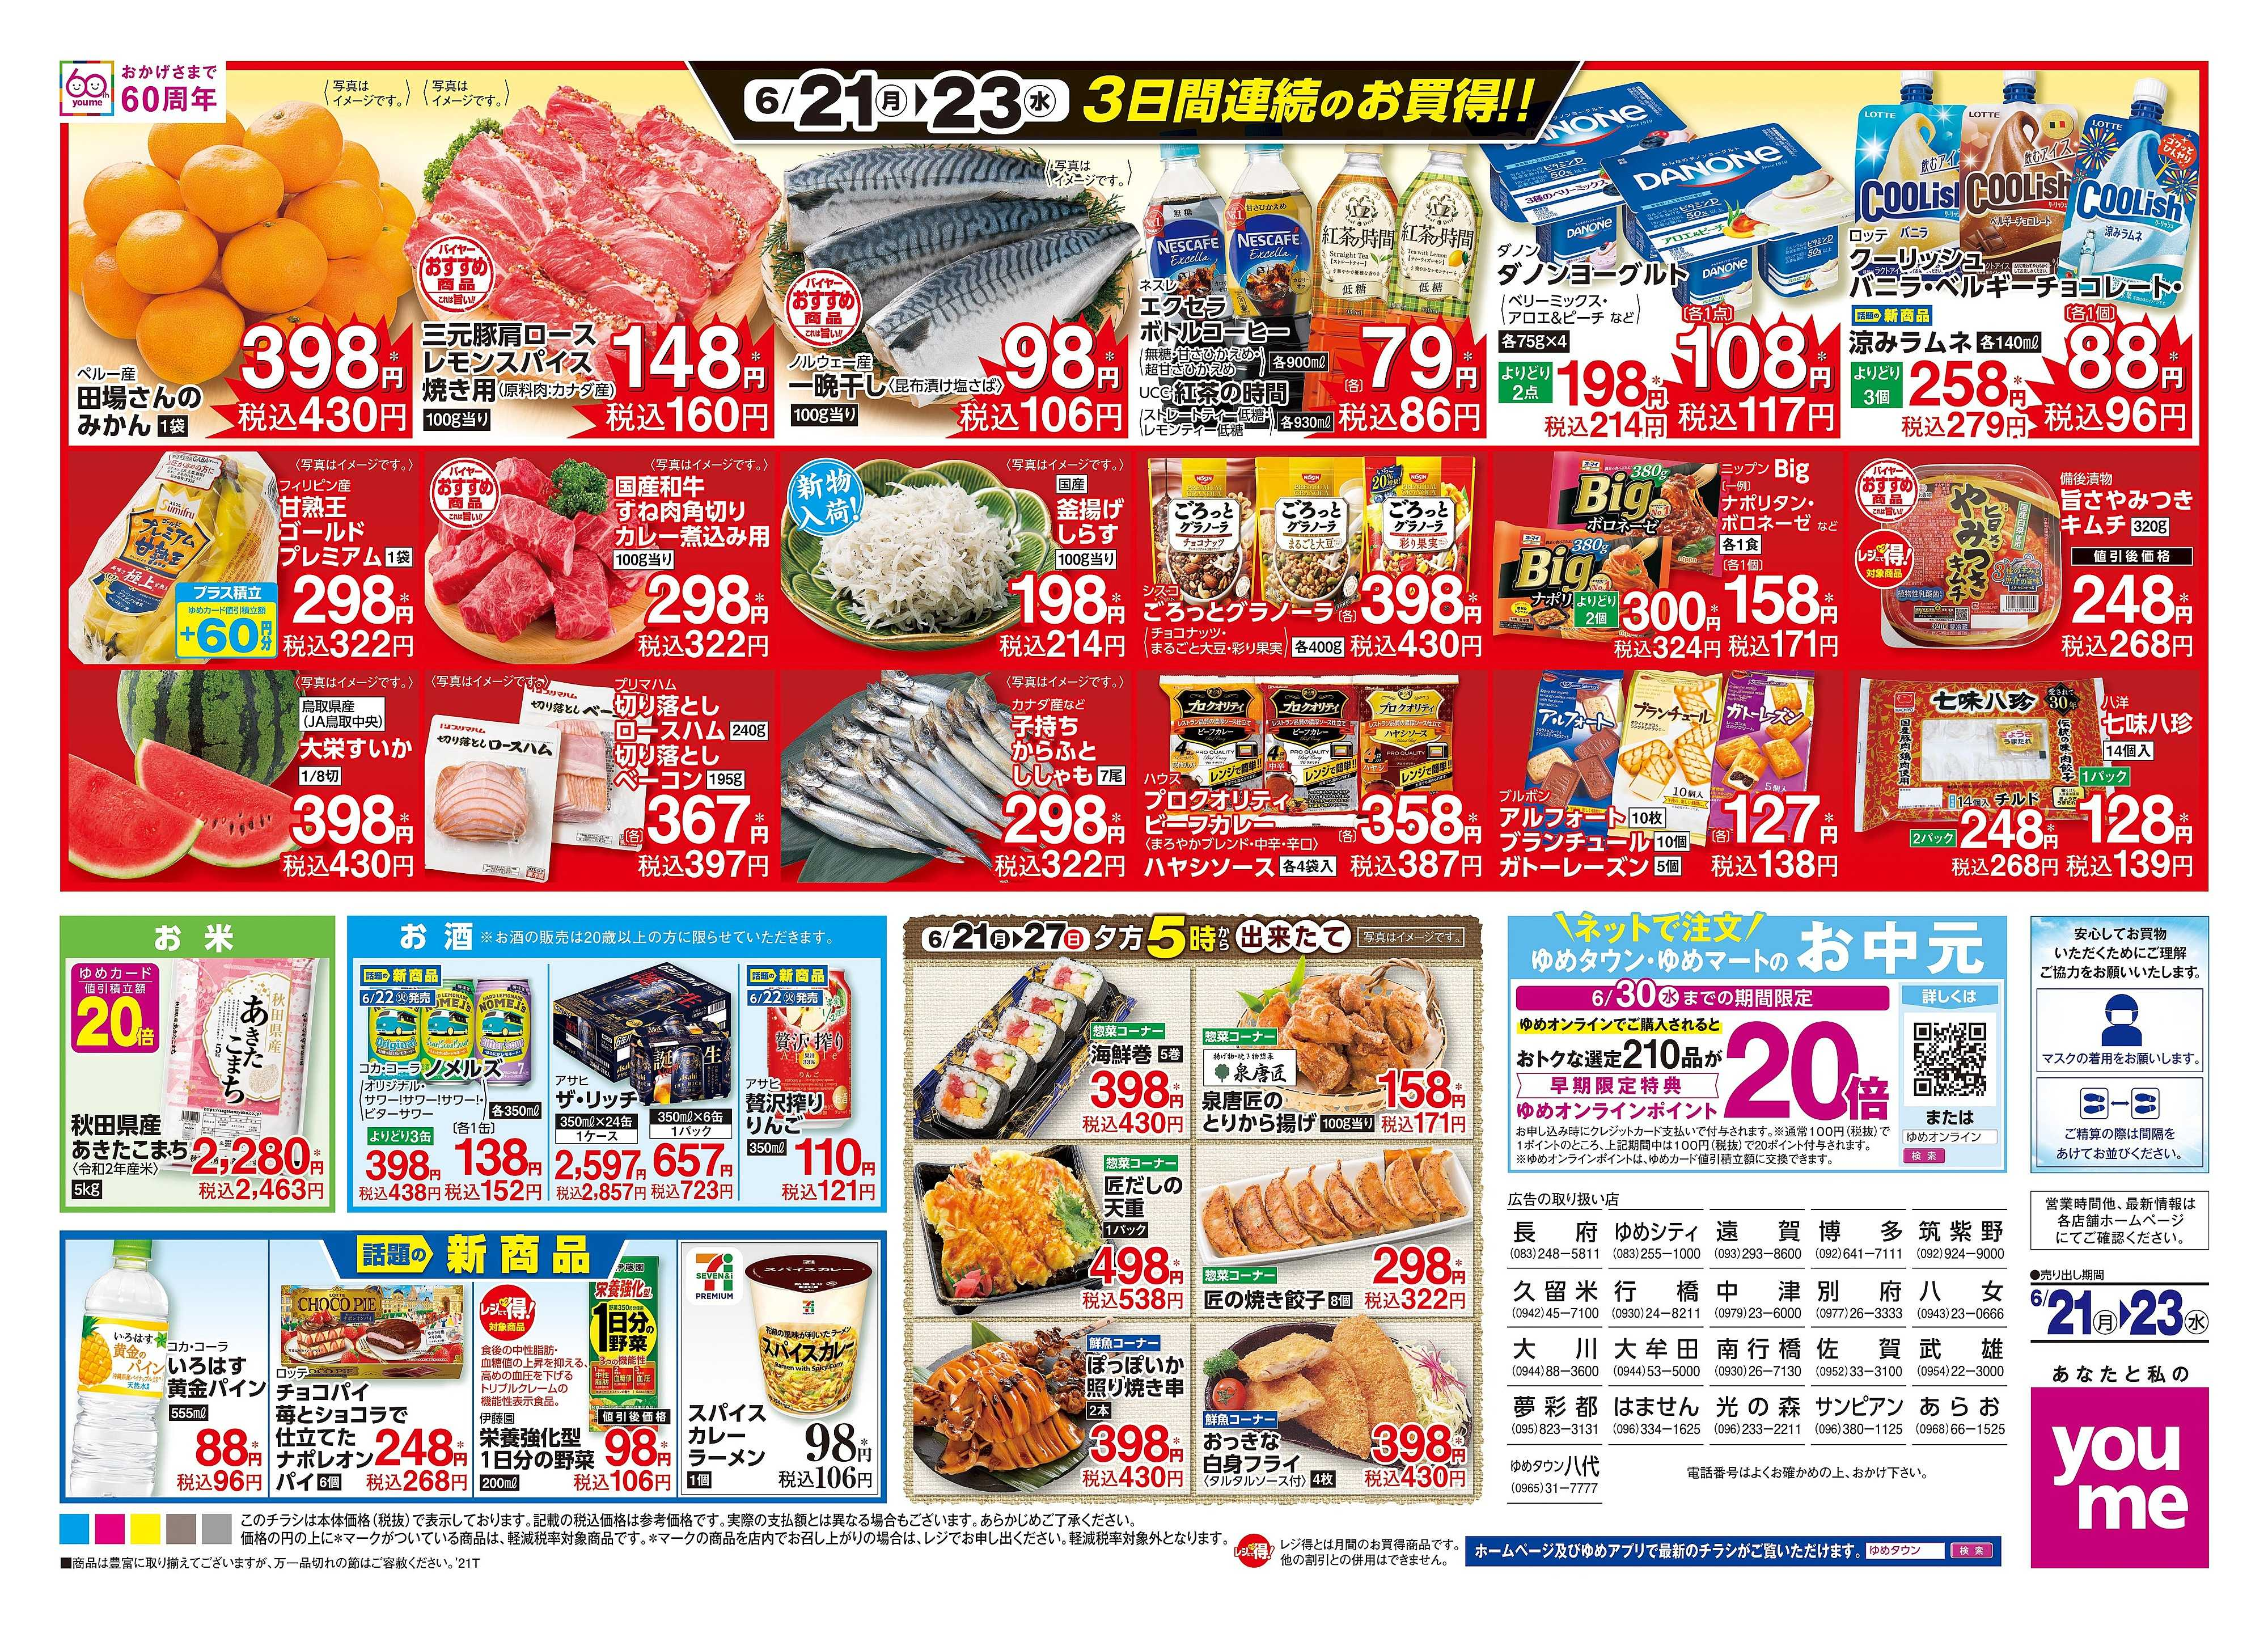 ゆめタウン 6/21(月)-6/23(水)